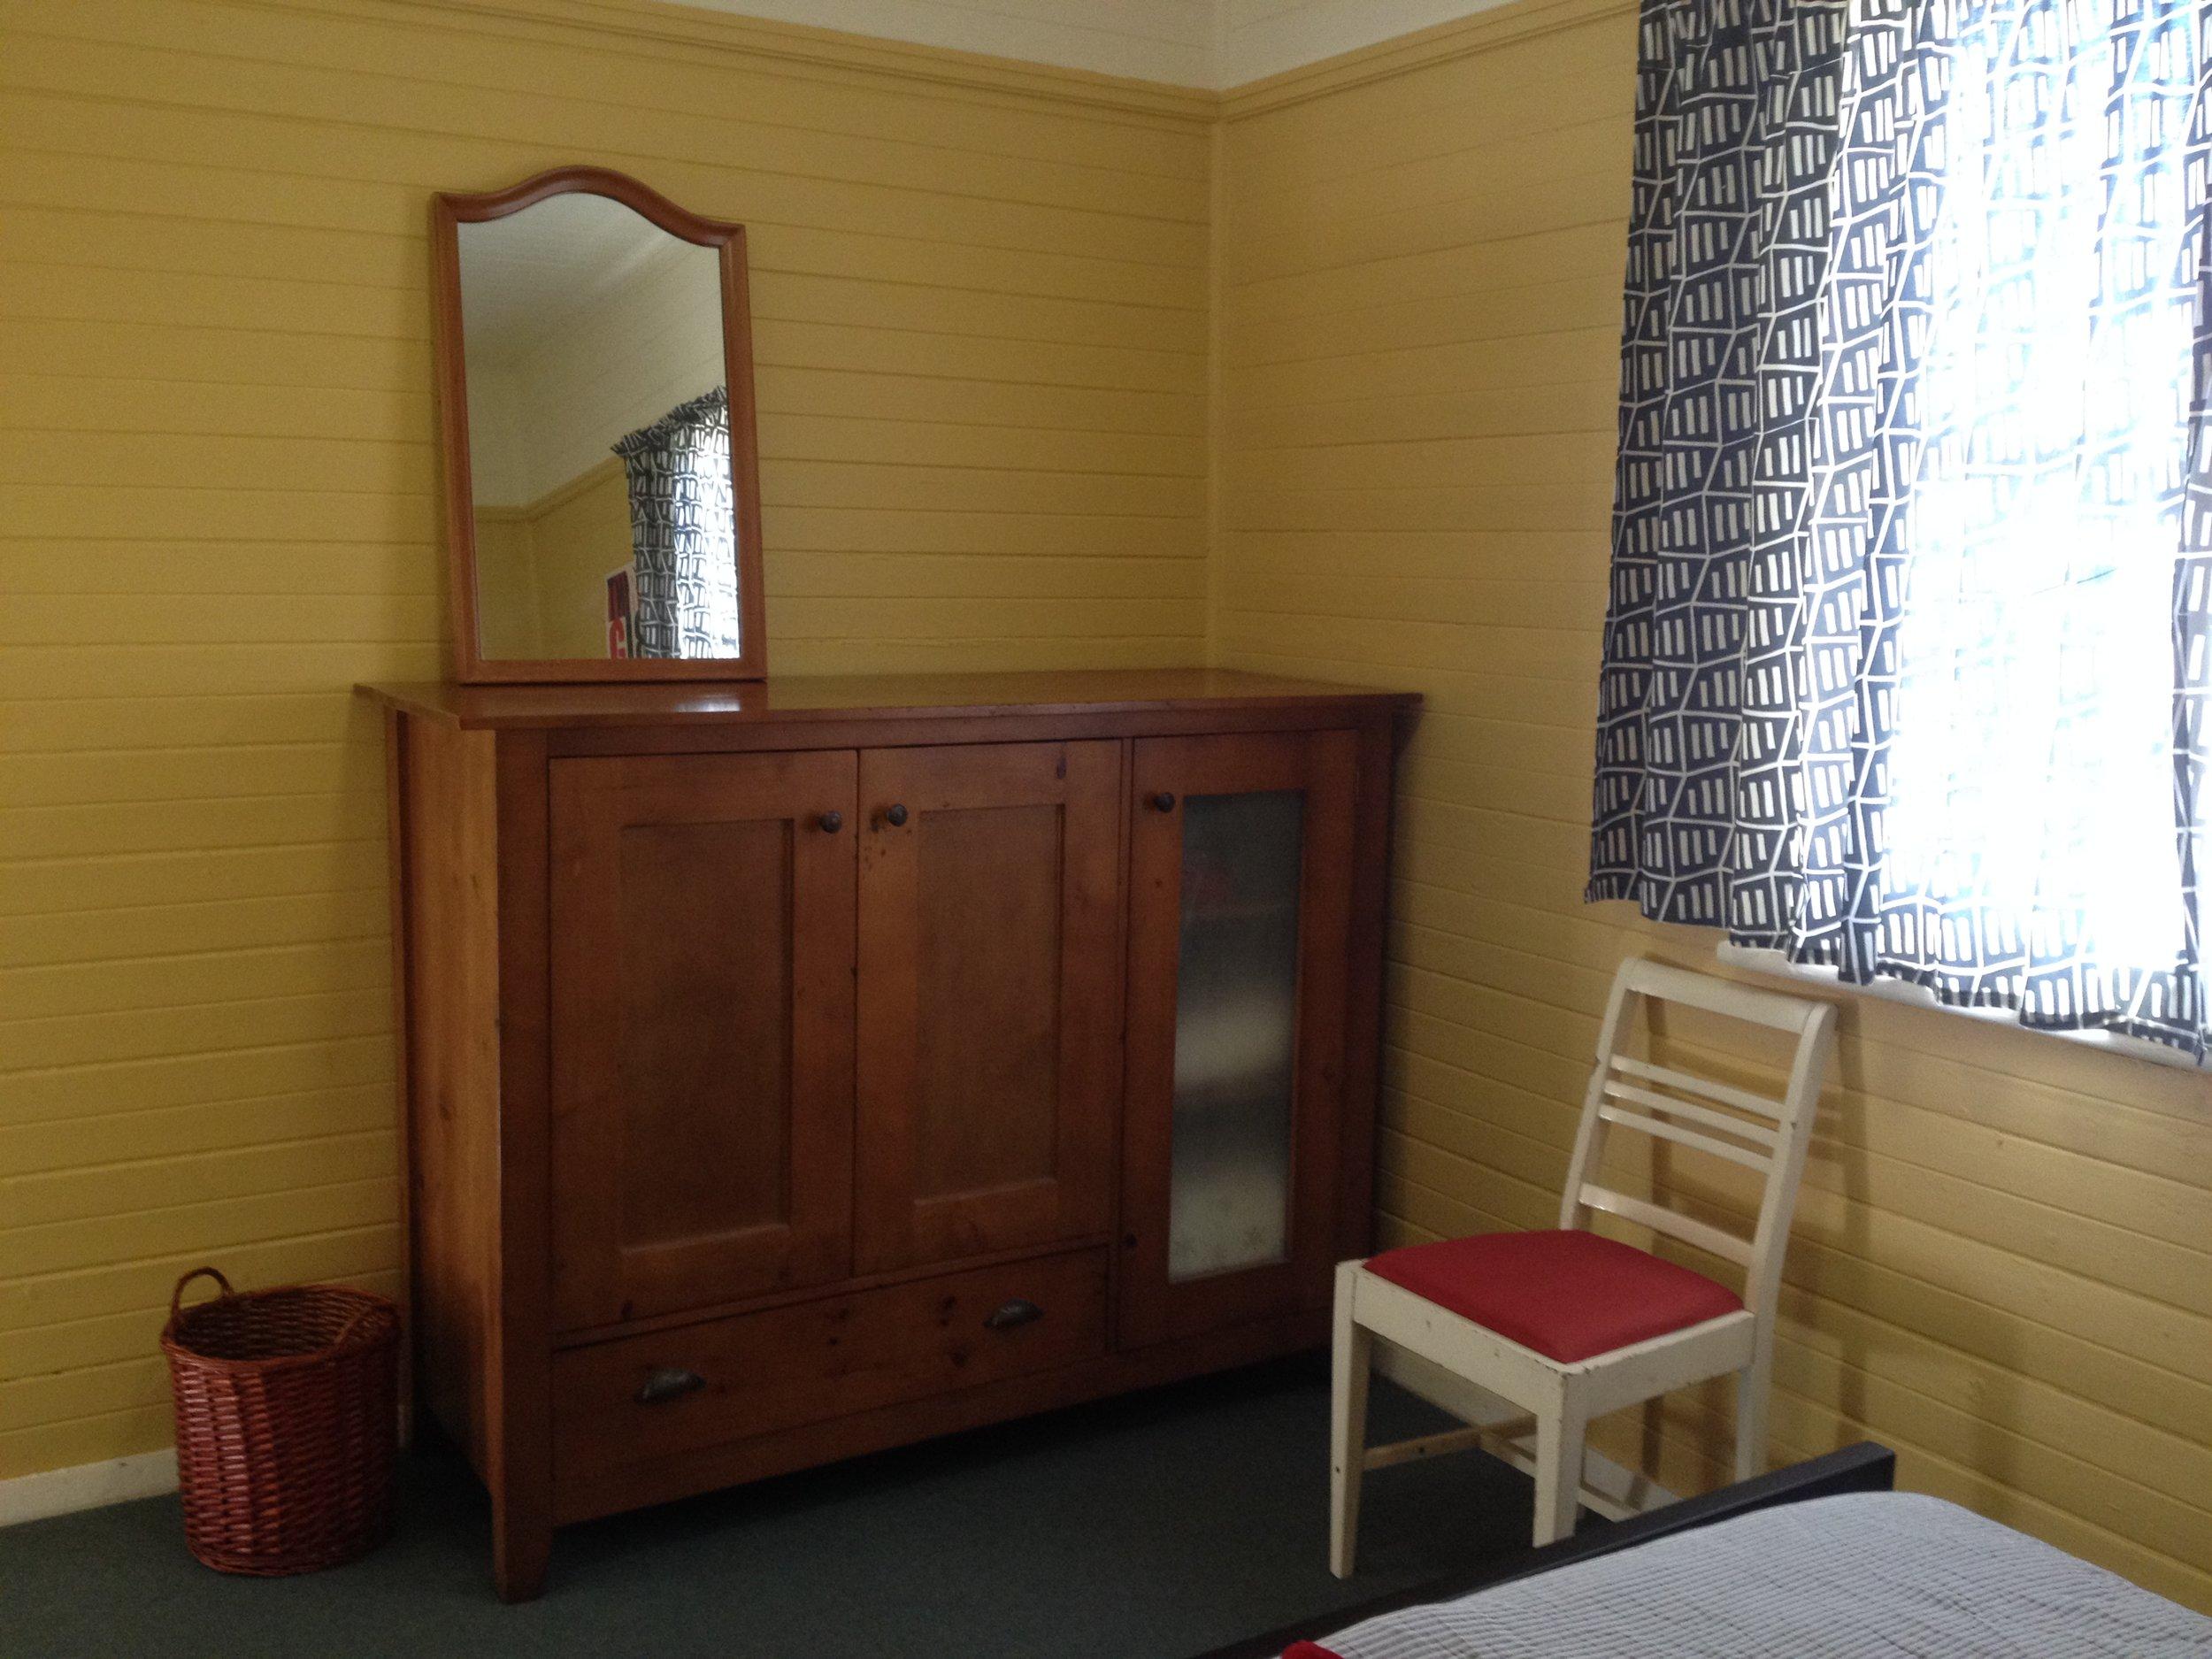 Cargills_Dbl_Bedroom_2.JPG